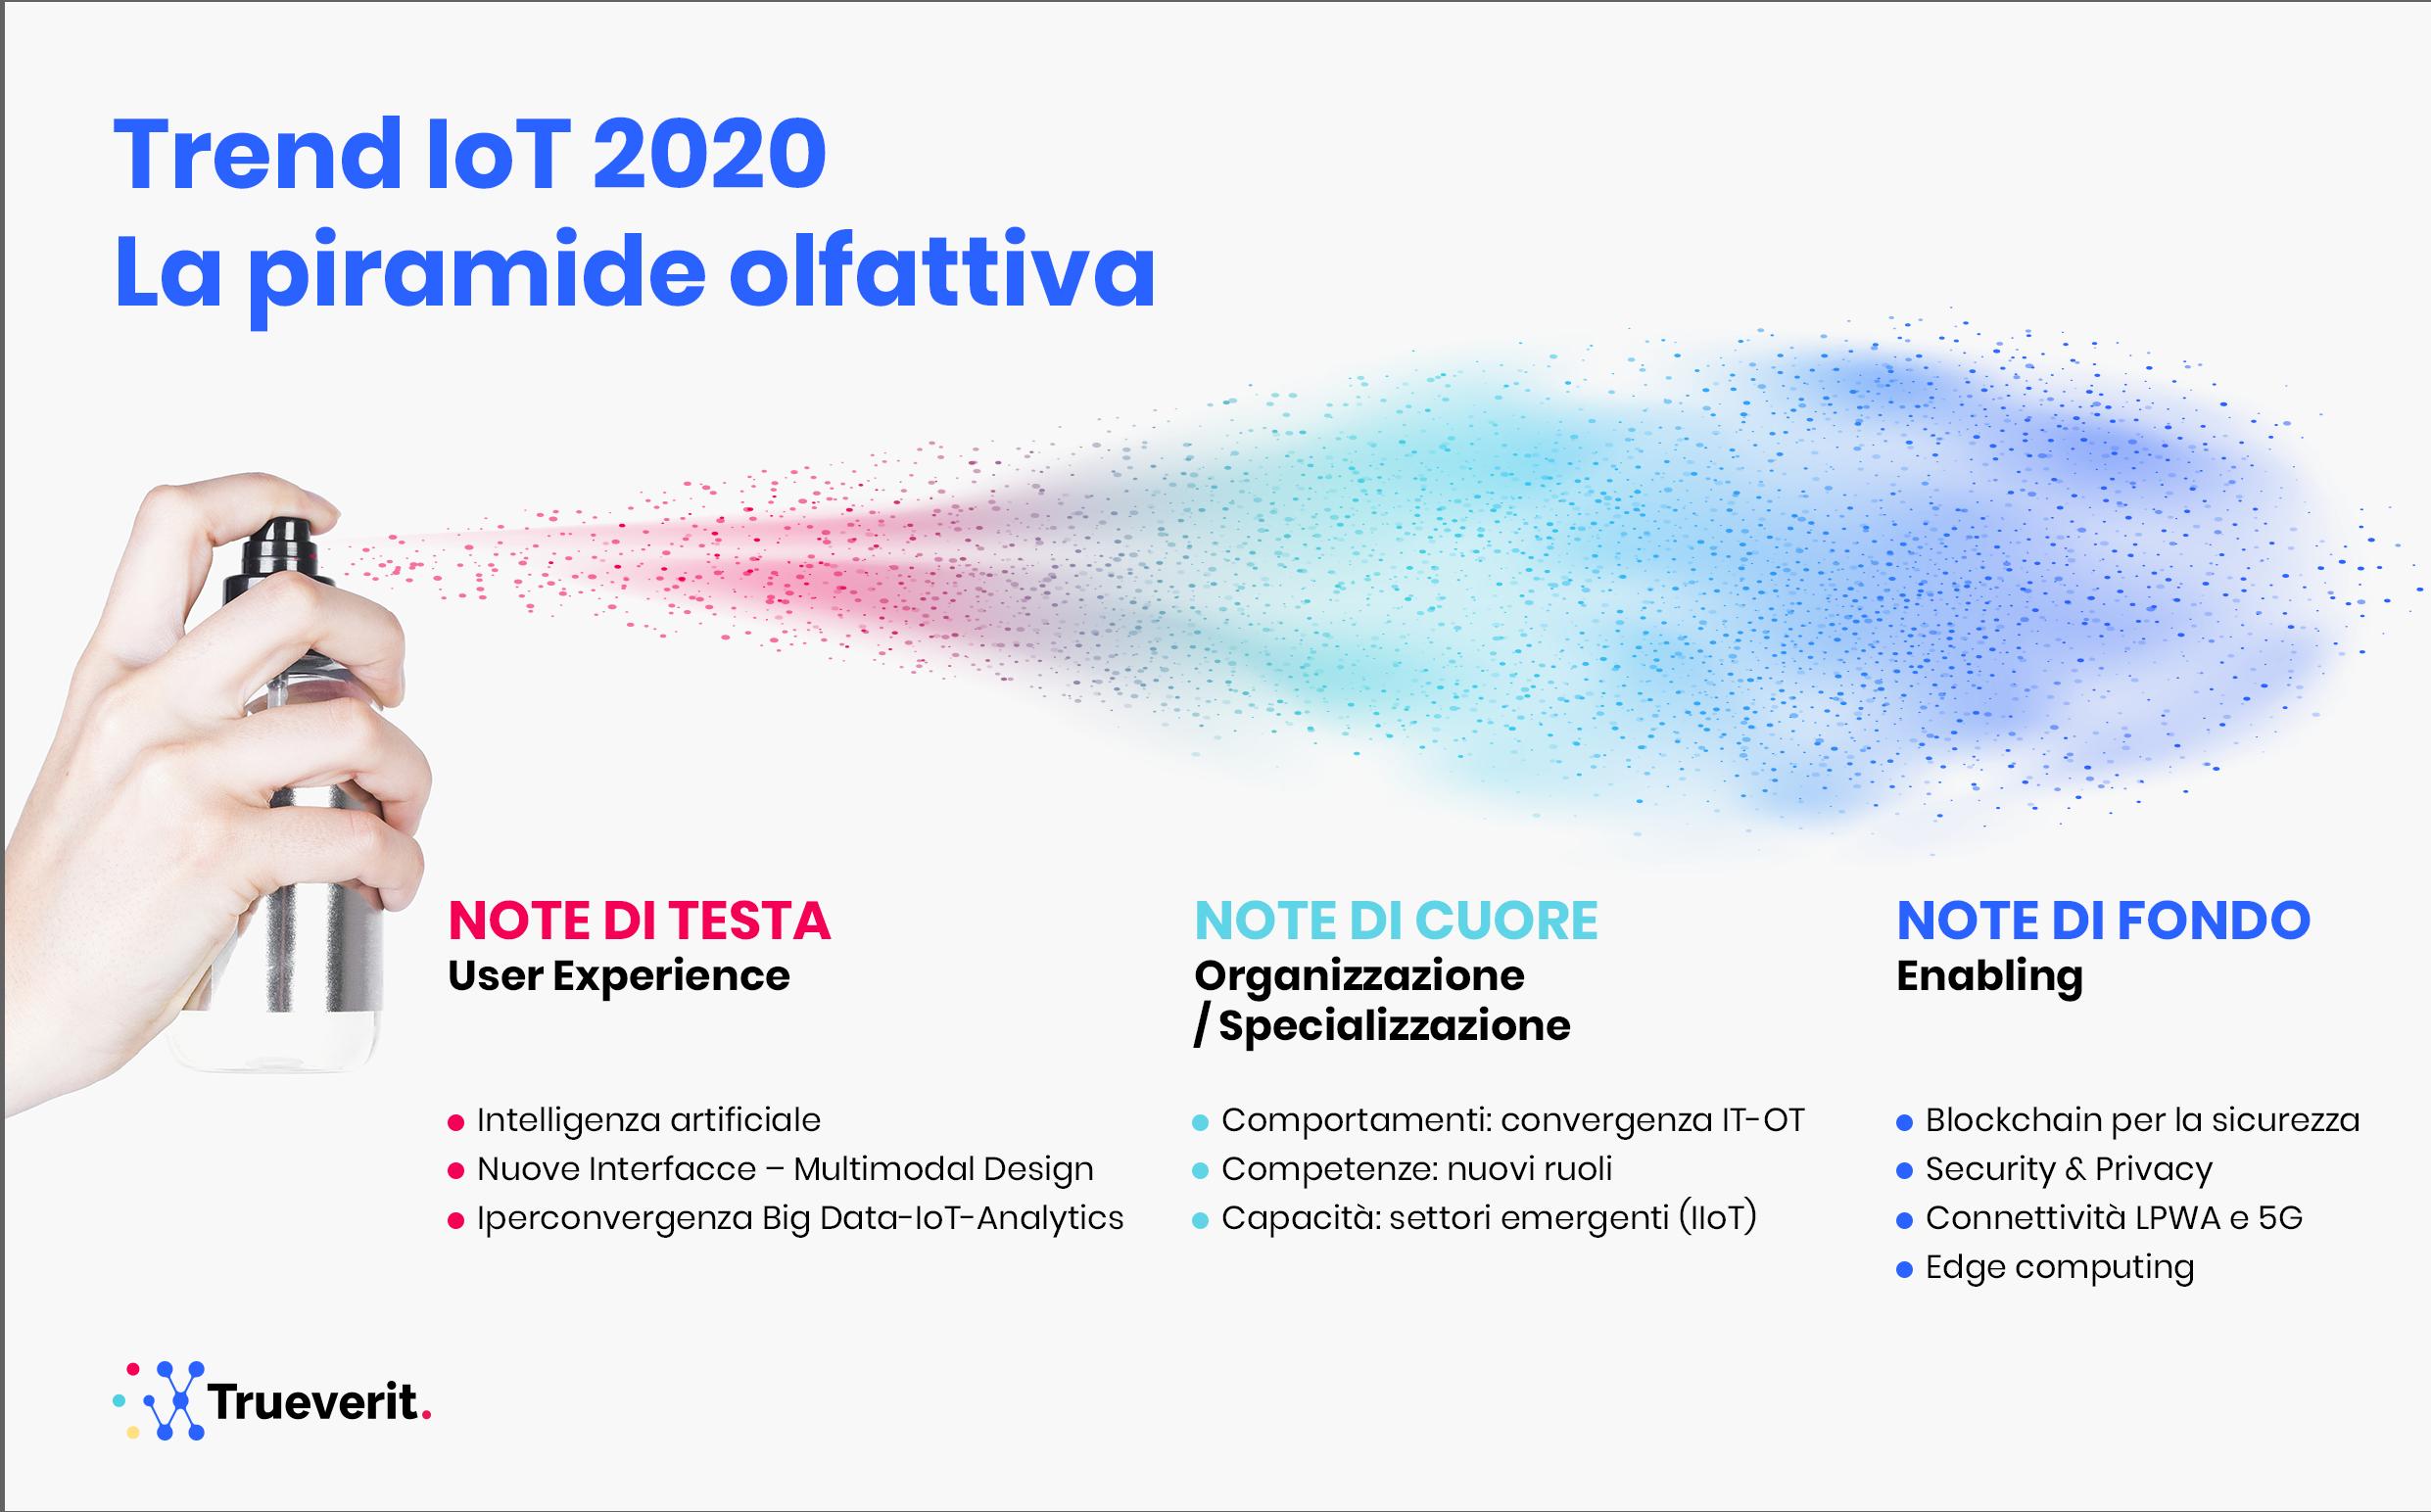 Trueverit IoT 2020